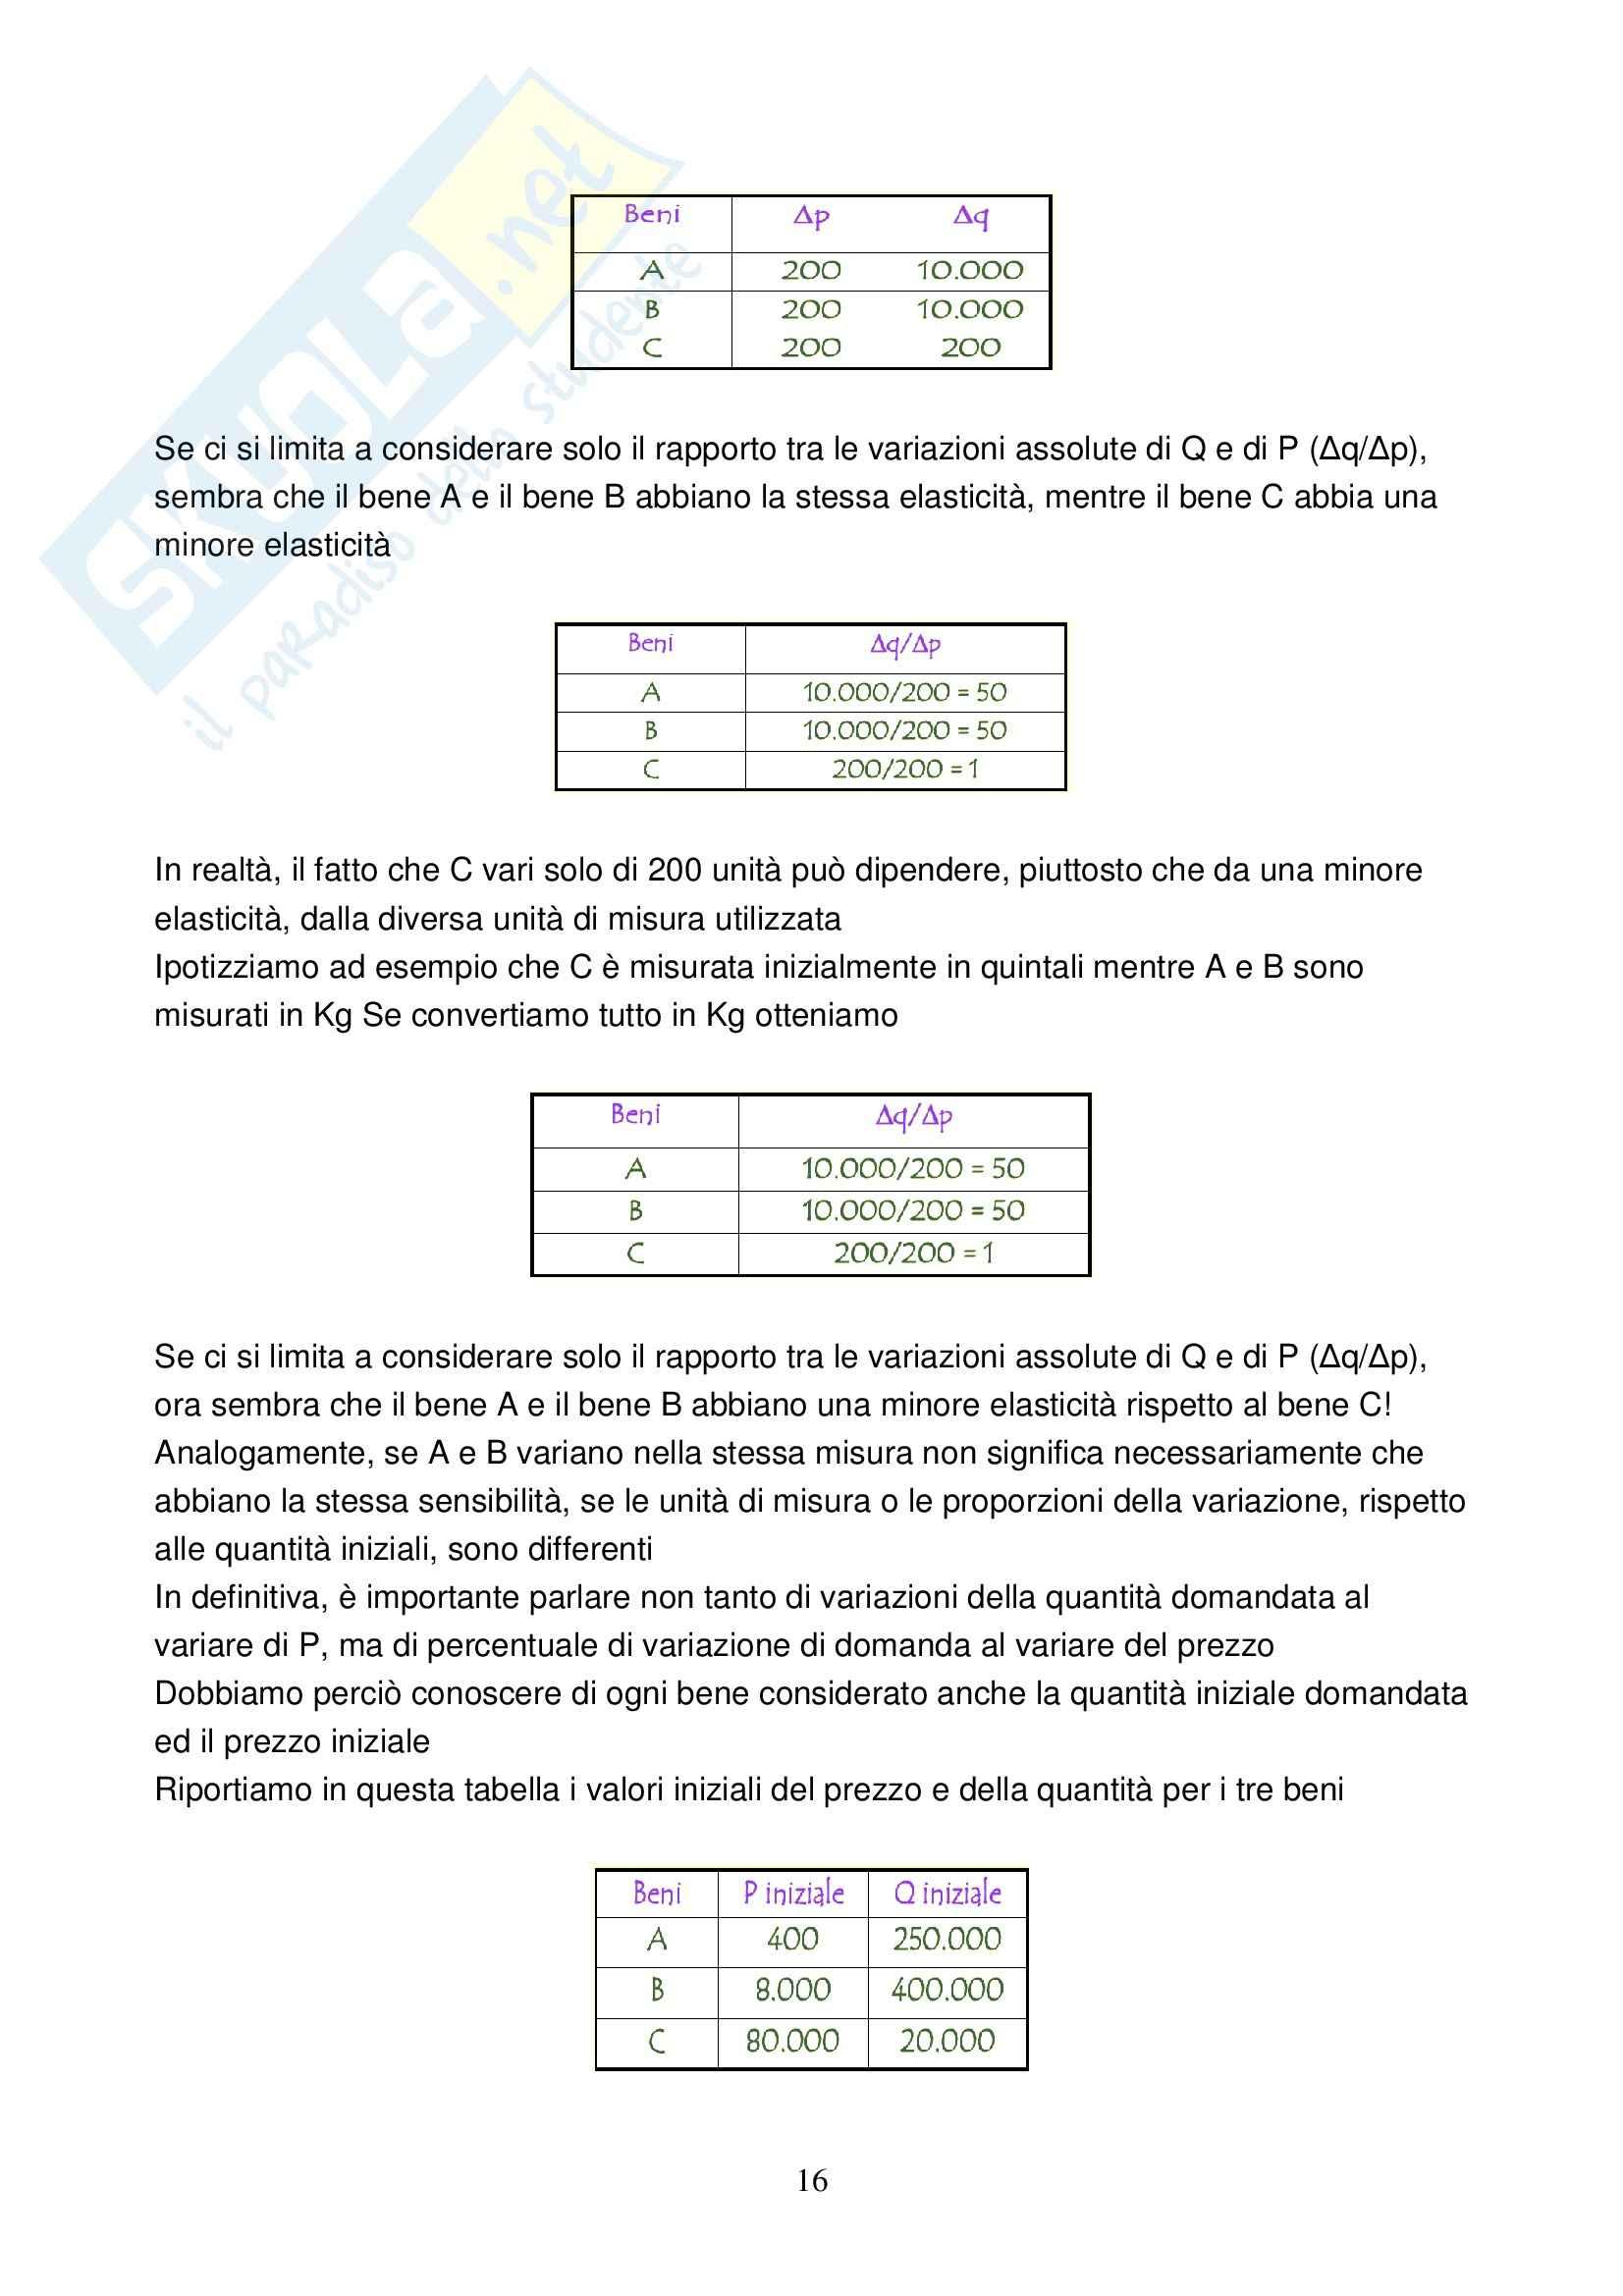 Microeconomia - teoria dell'Impresa - Appunti Pag. 16